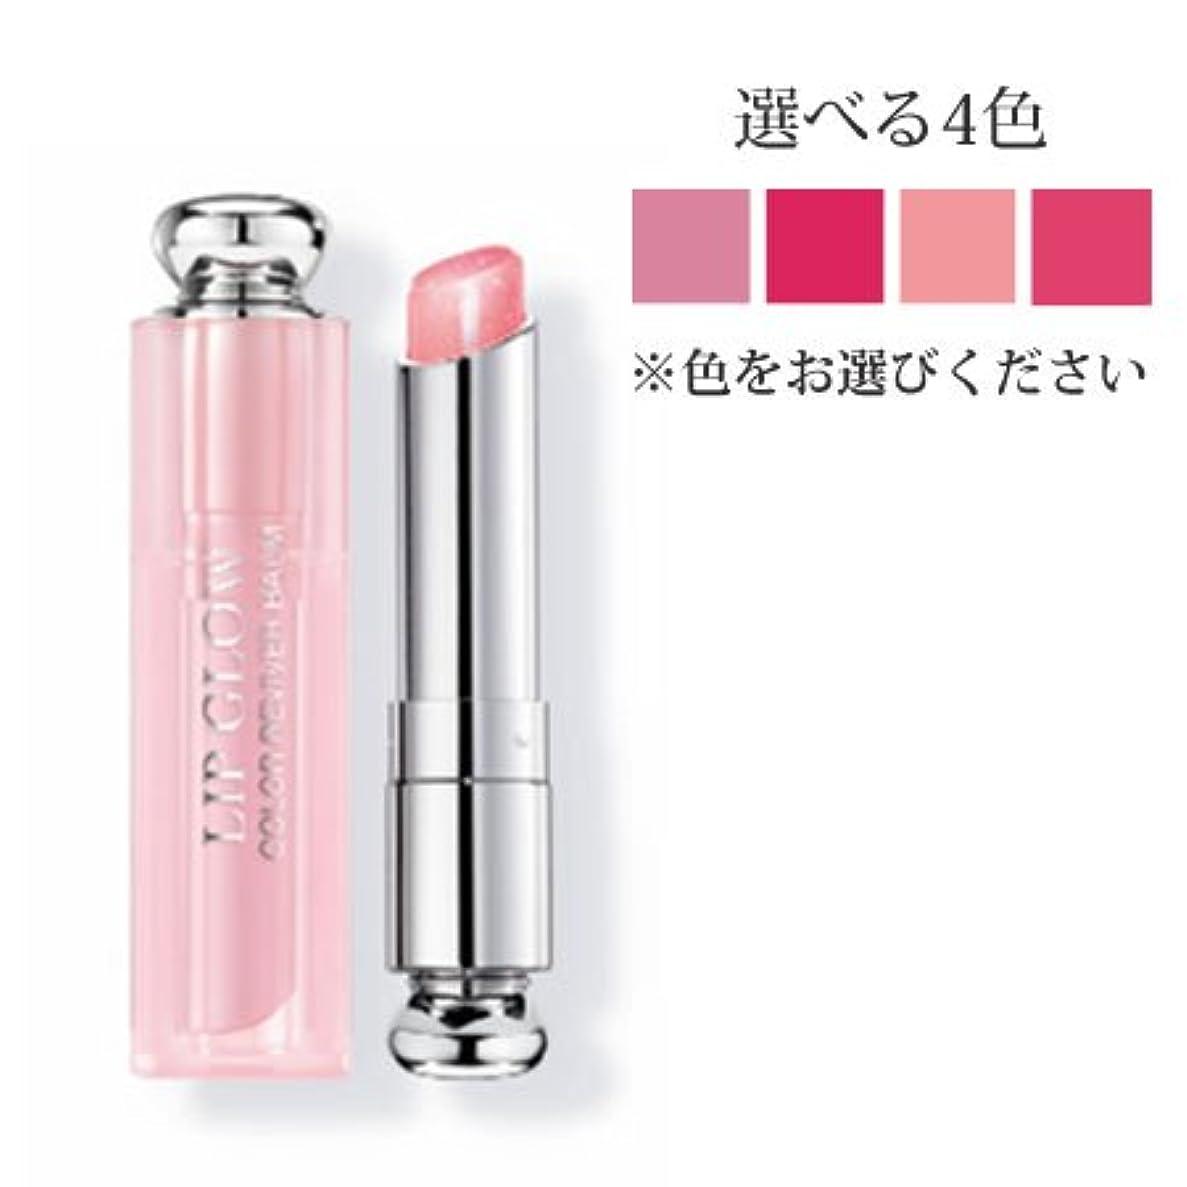 ディオール ディオール アディクト リップ グロウ 選べる4色 -Dior- 【並行輸入品】 102 マット ラズベリー